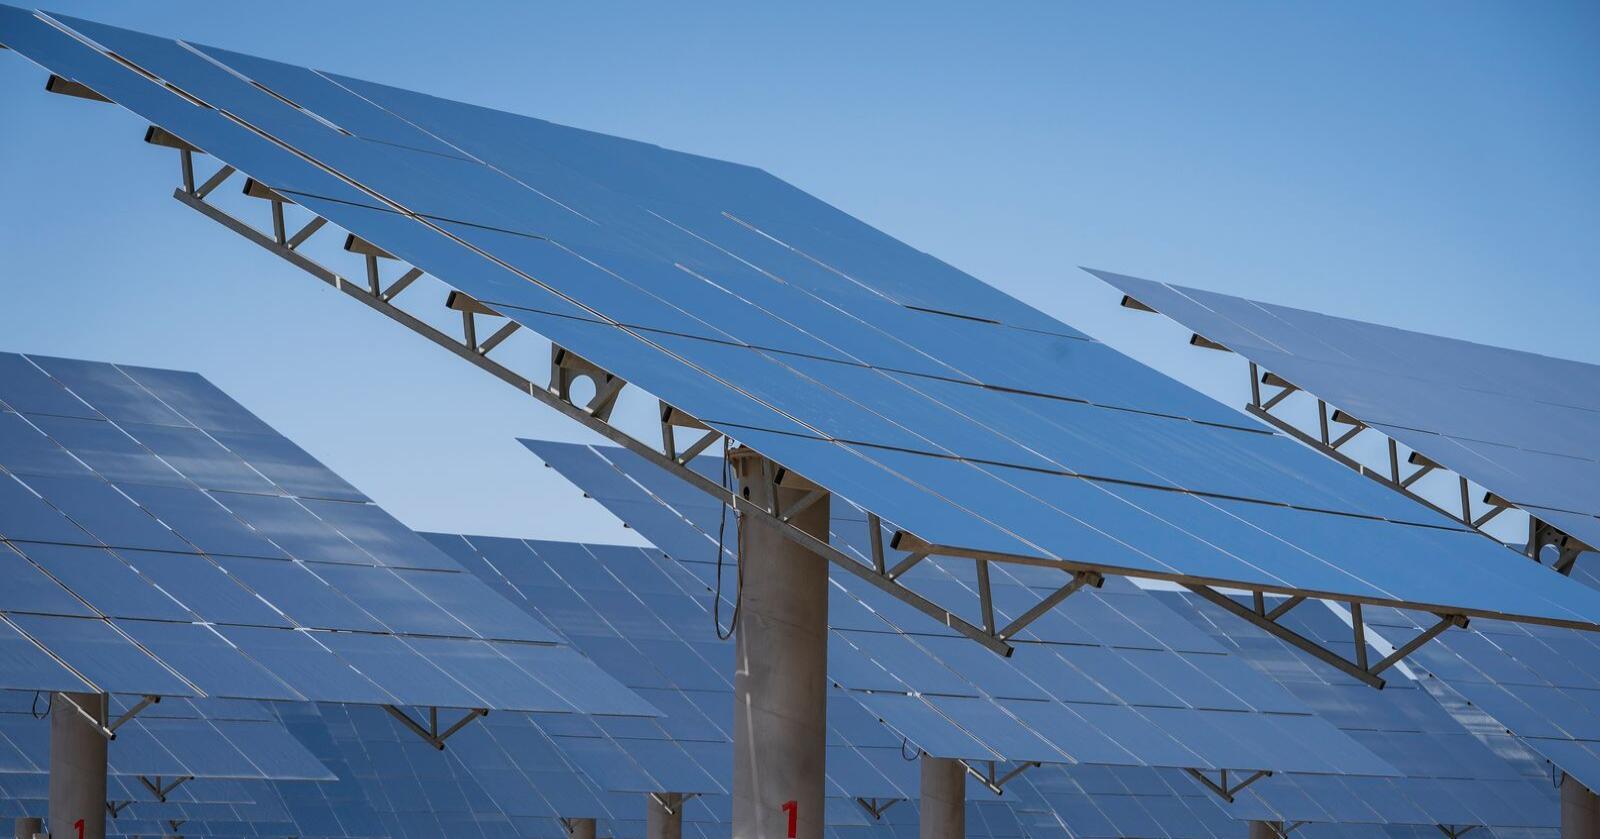 Solkraft ventes å vokse kraftig i årene framover. Bildet viser det gigantiske solkraftverket Gansu Dunhuang Solar Park, som kinesiske myndigheter har bygget i ørkenen ved Dunhuang. Foto: Heiko Junge / NTB scanpix